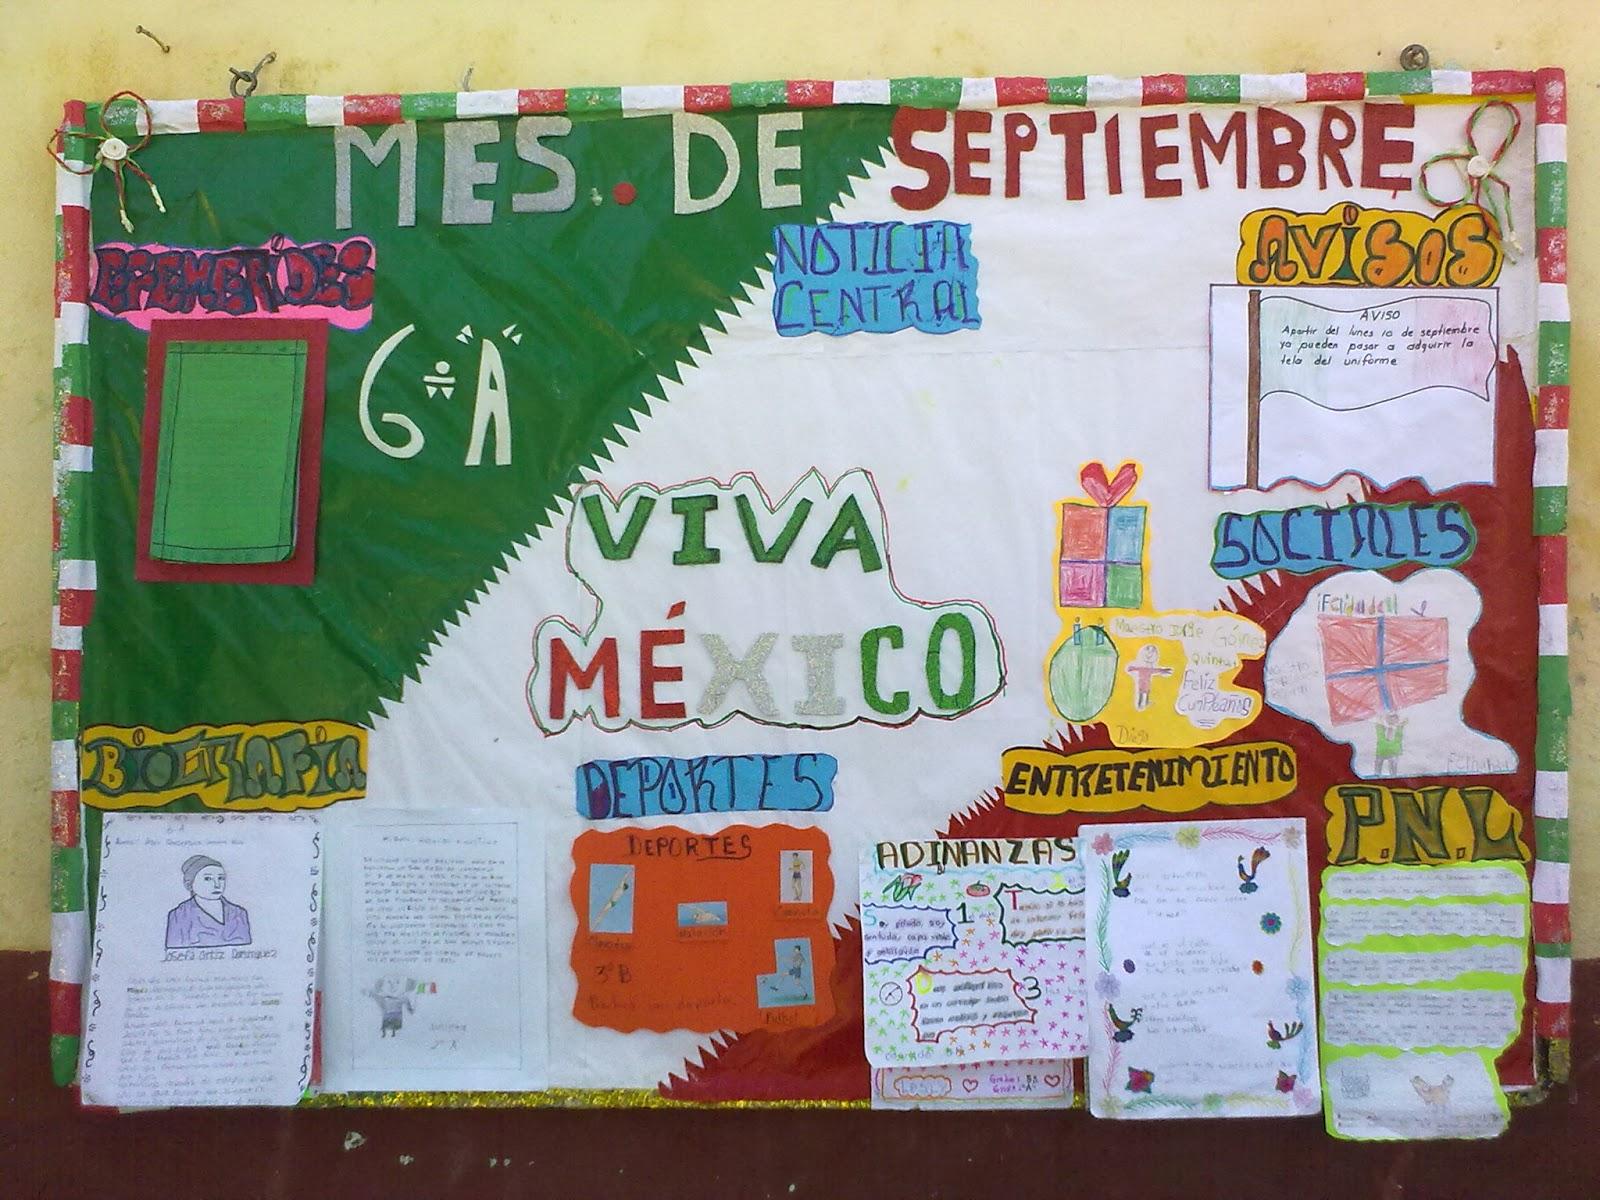 Peri dico mural mes septiembre 4 imagenes educativas for Cuales son las partes de un periodico mural